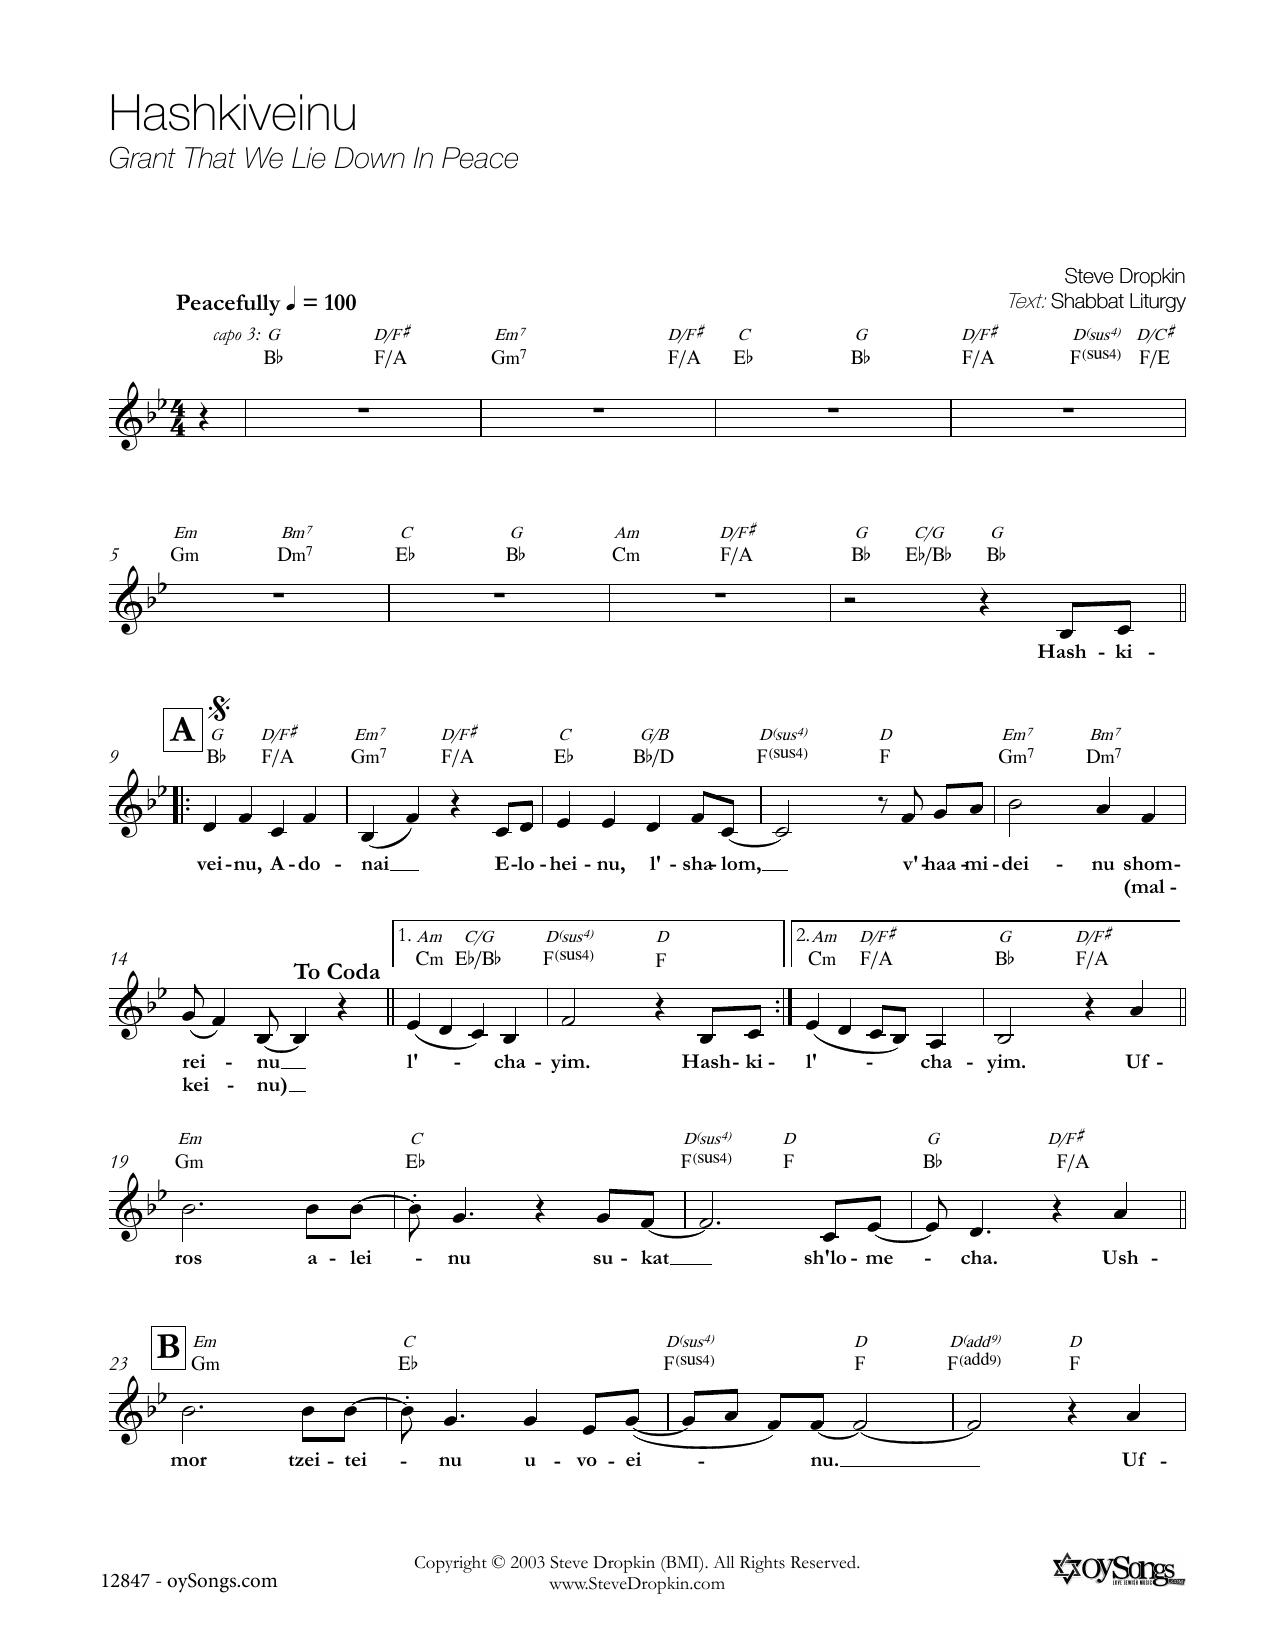 Hashkiveinu Sheet Music